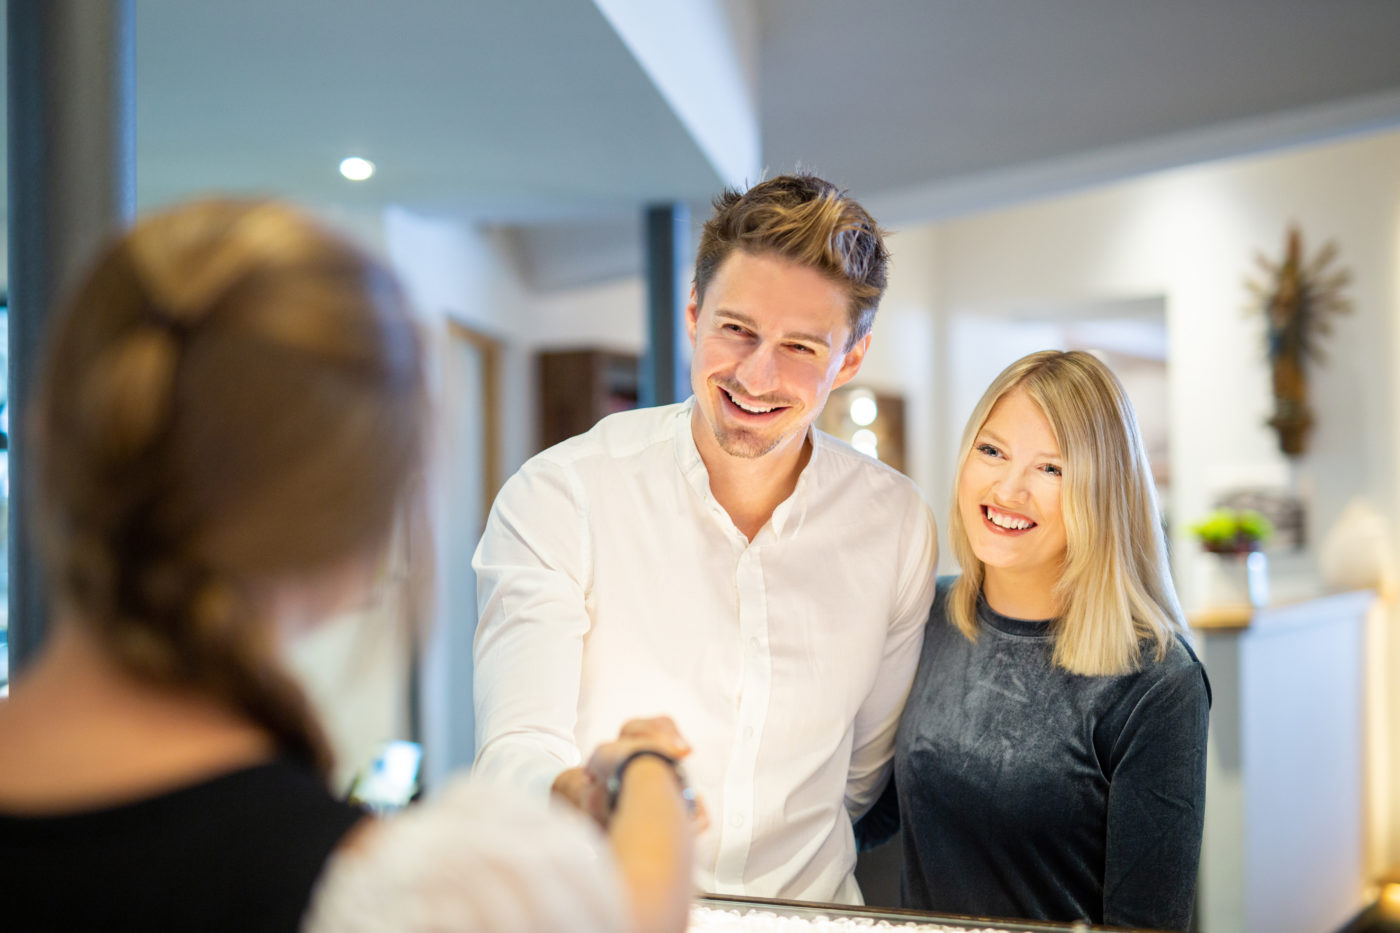 جذب مهمان و ایجاد انگیزه برای اقامت در هتل